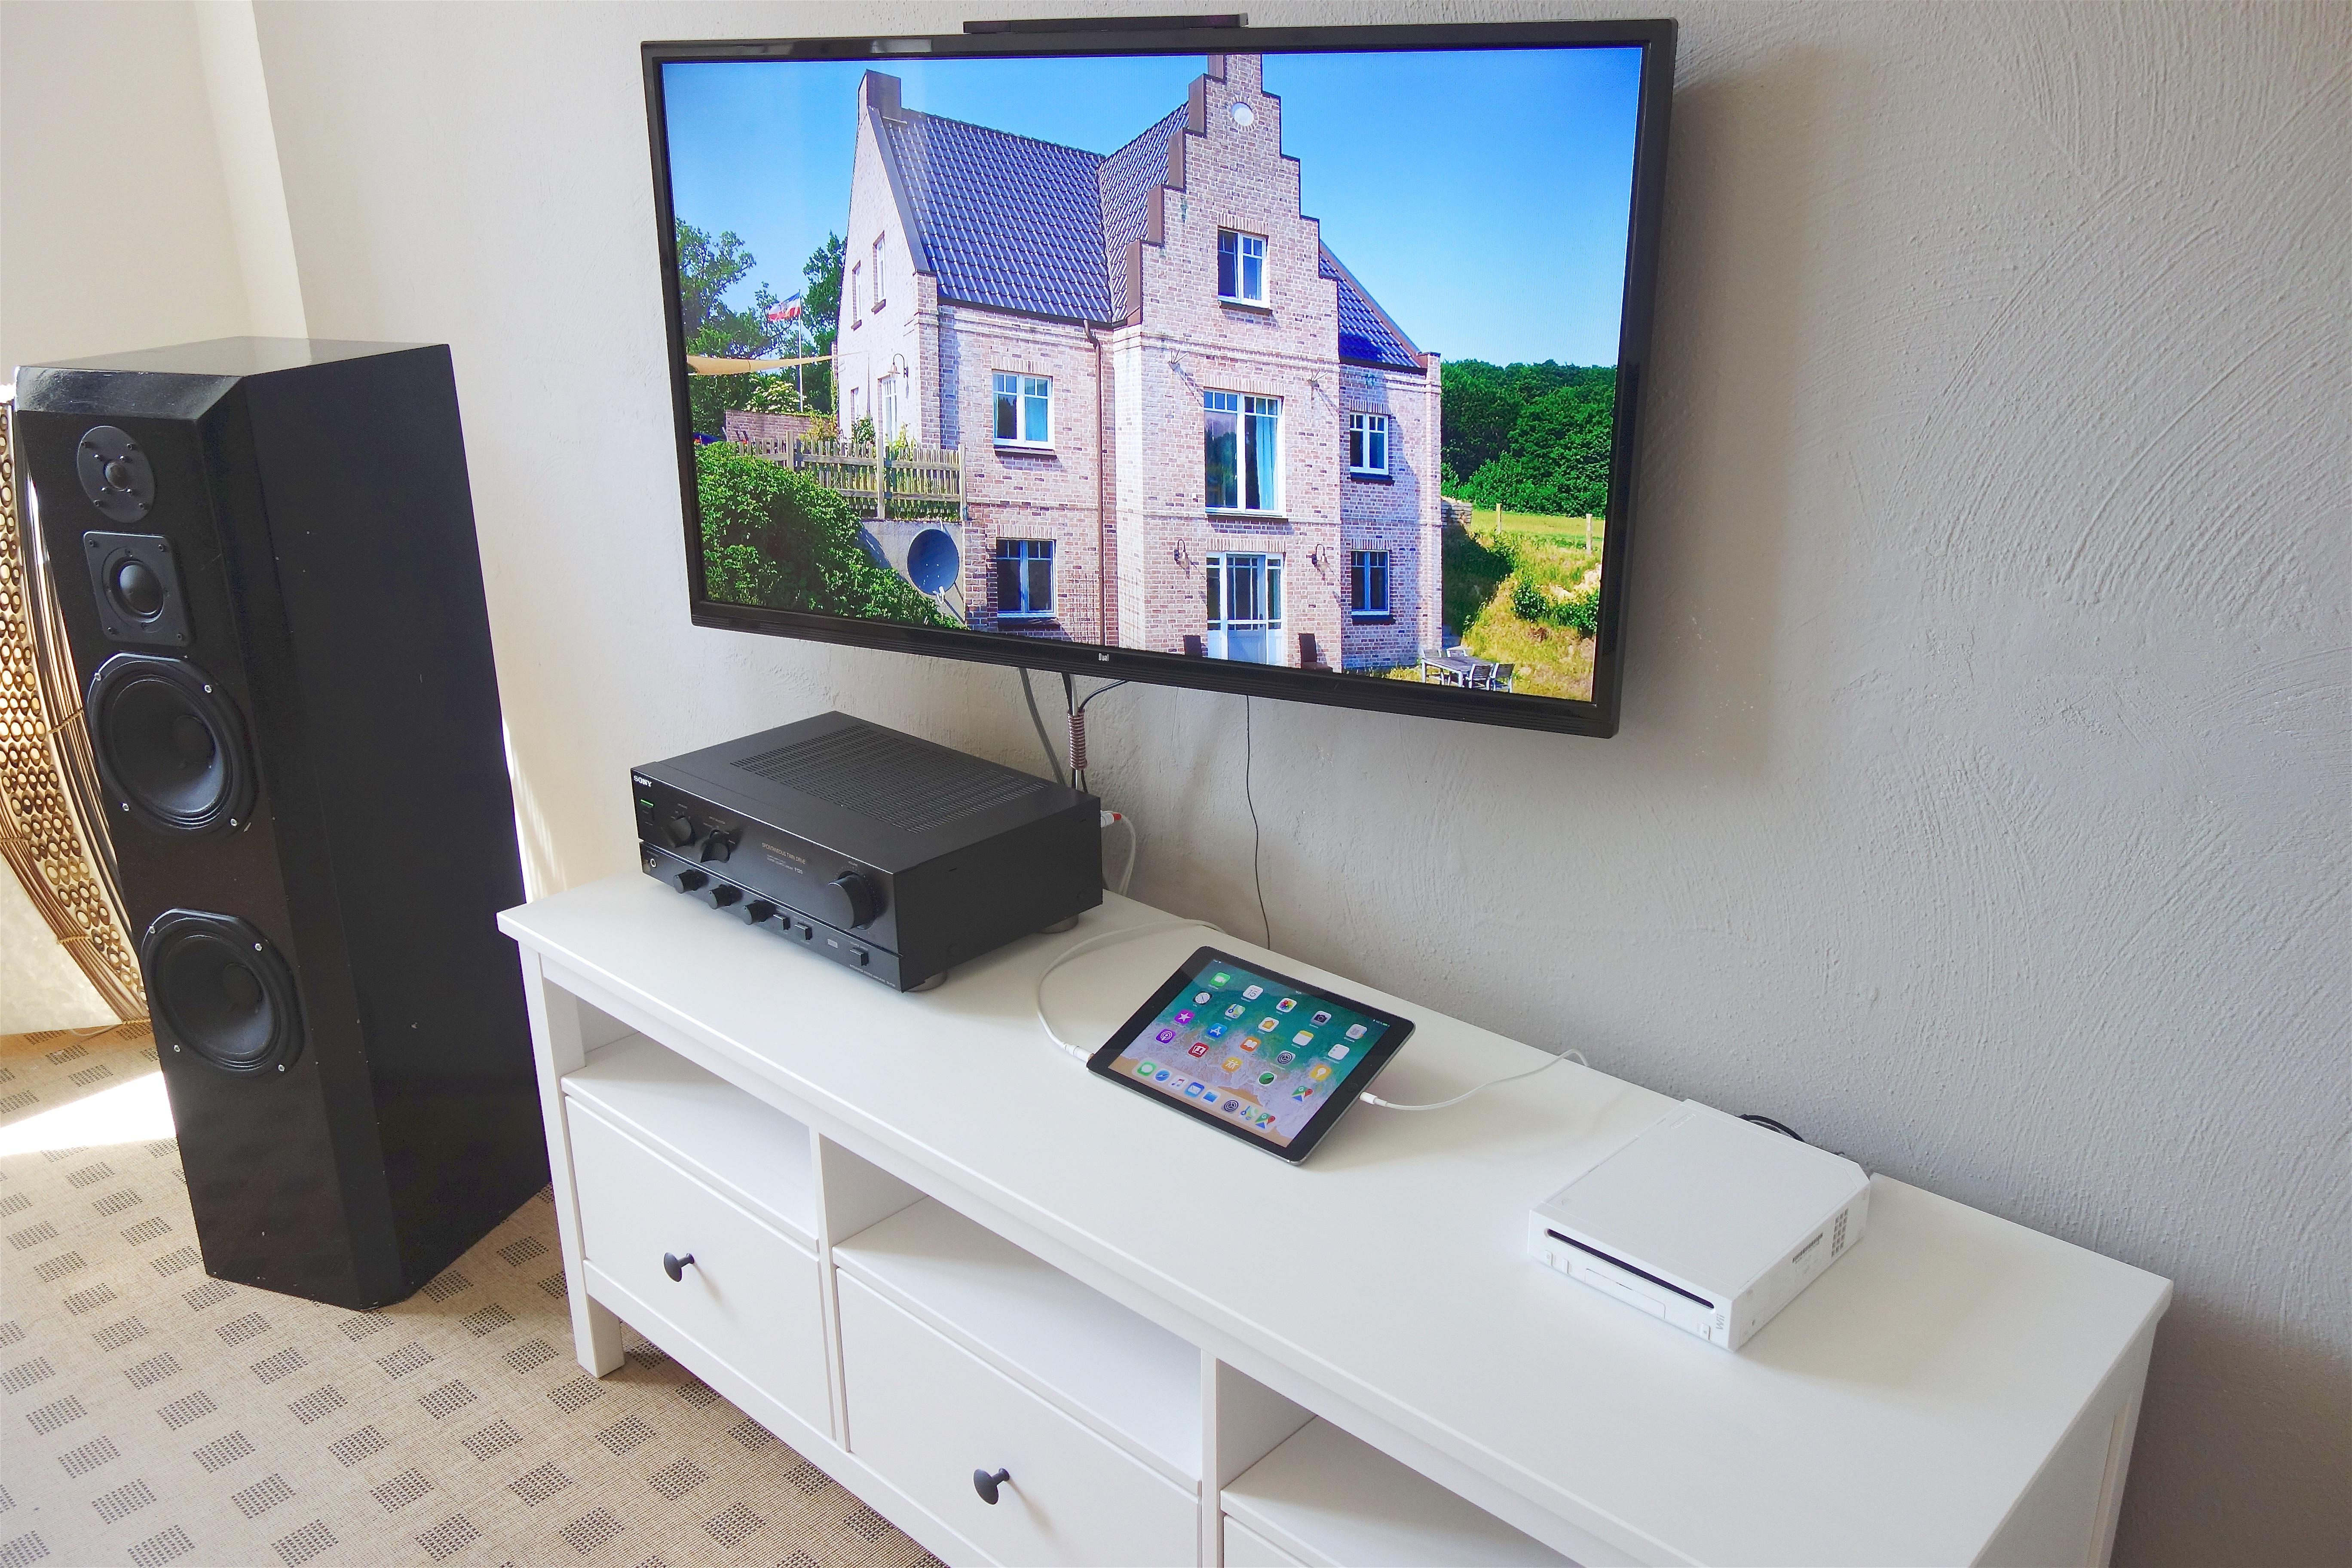 Wohnzimmer. Verstärker, Smart-TV und Wii Konsole